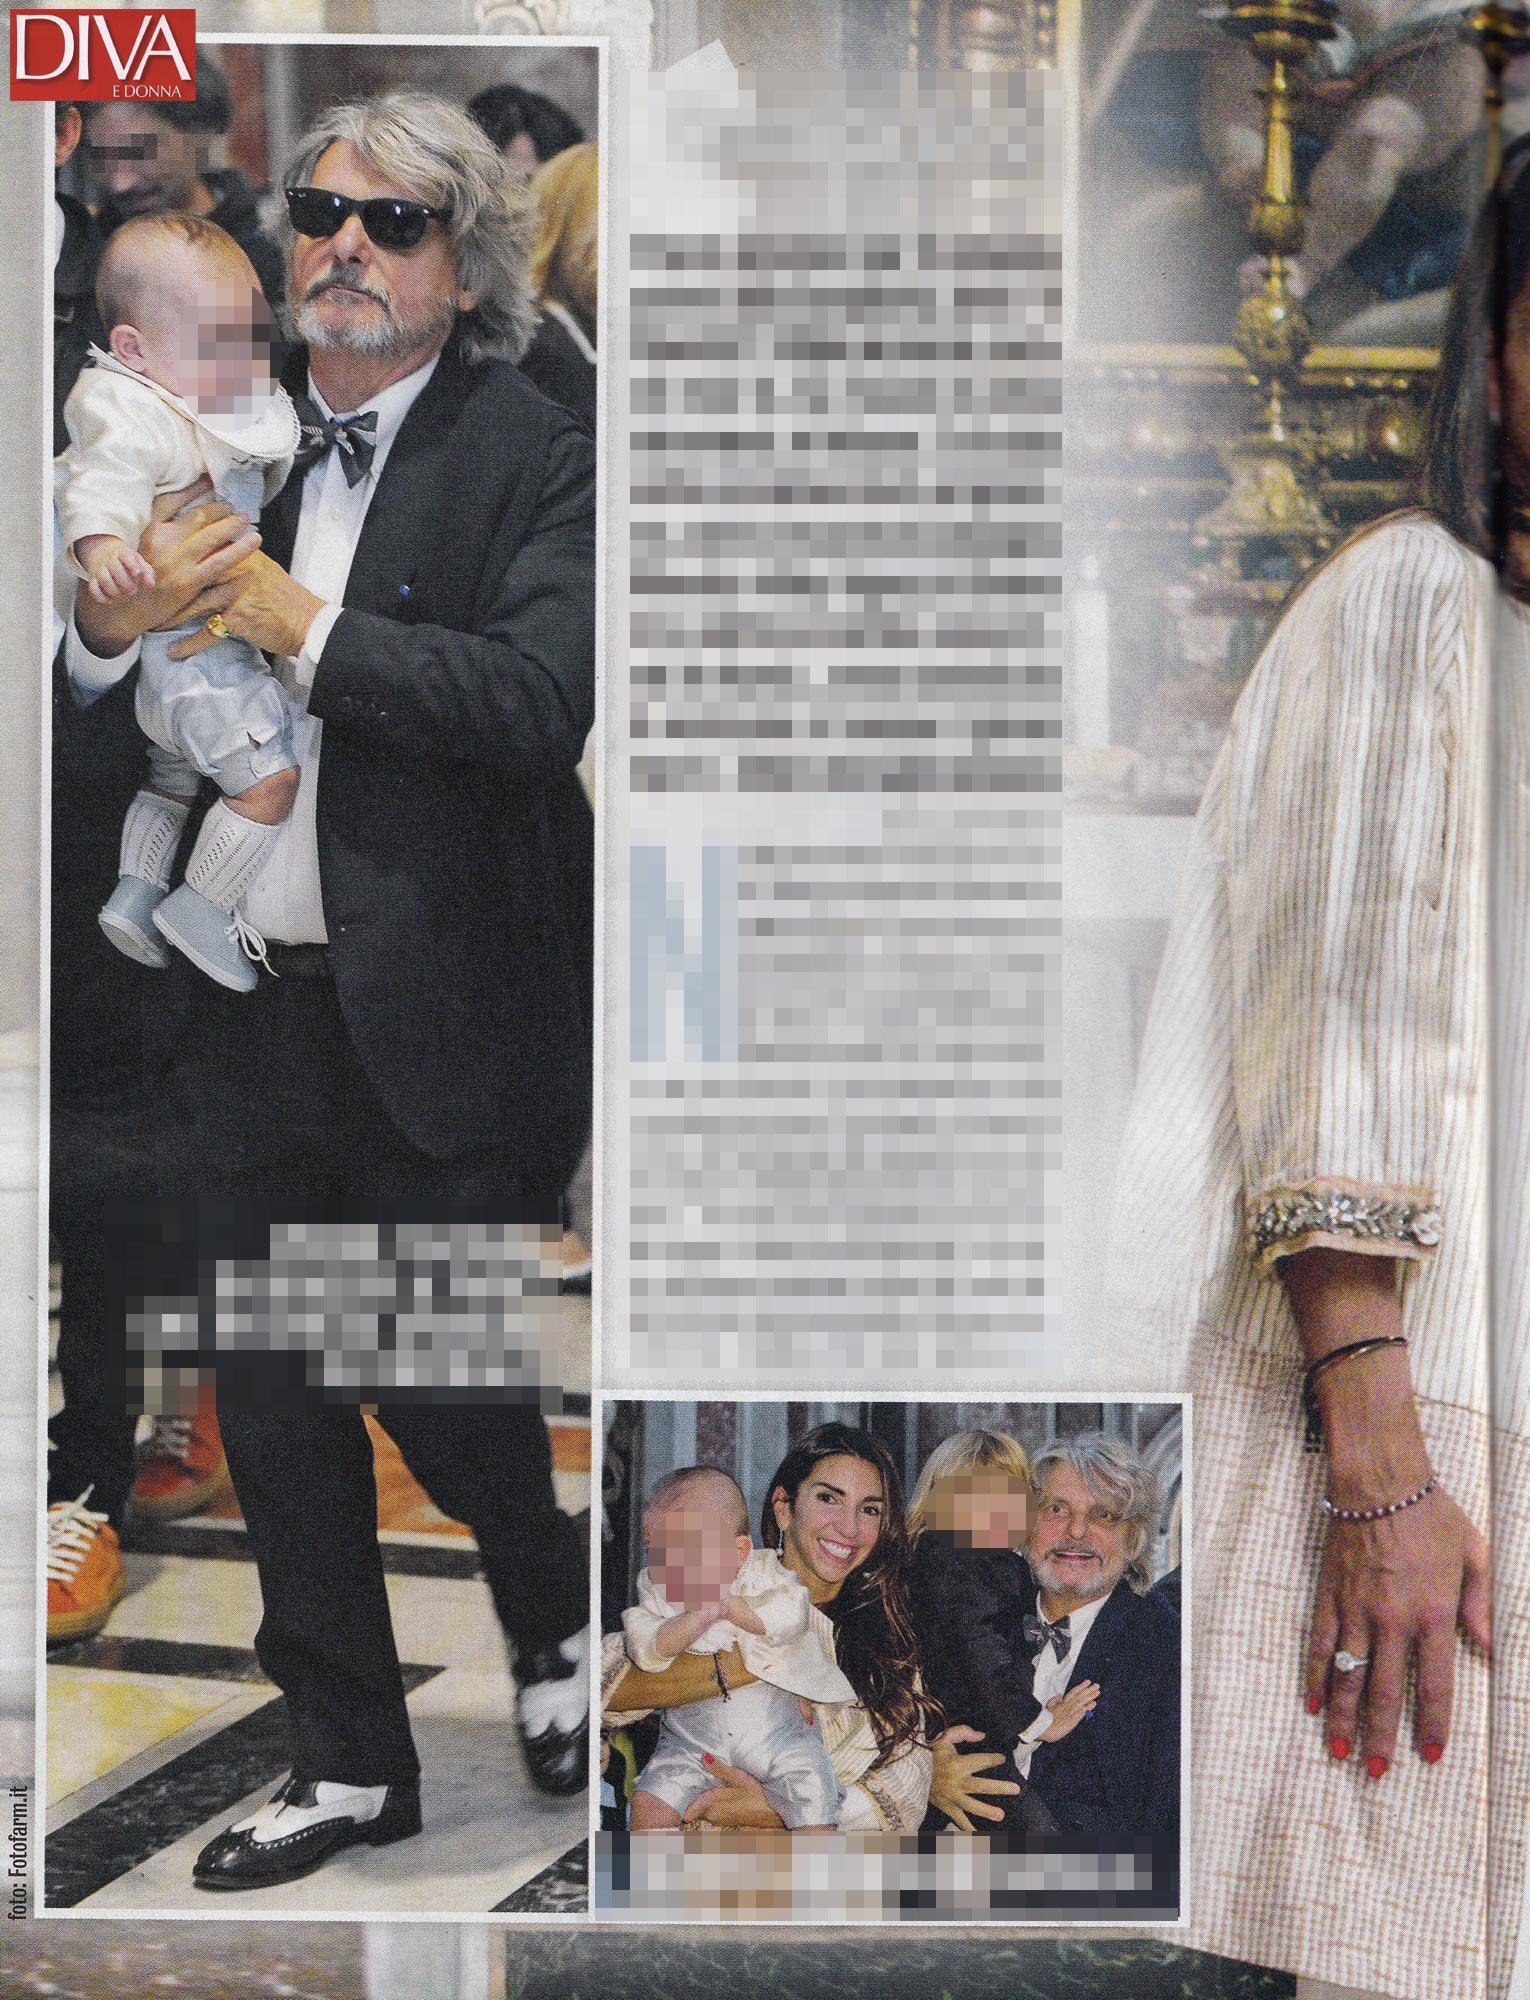 Massimo ferrero battesimo in vaticano per il figlio oscar tgcom24 - Diva e donne giornale ...